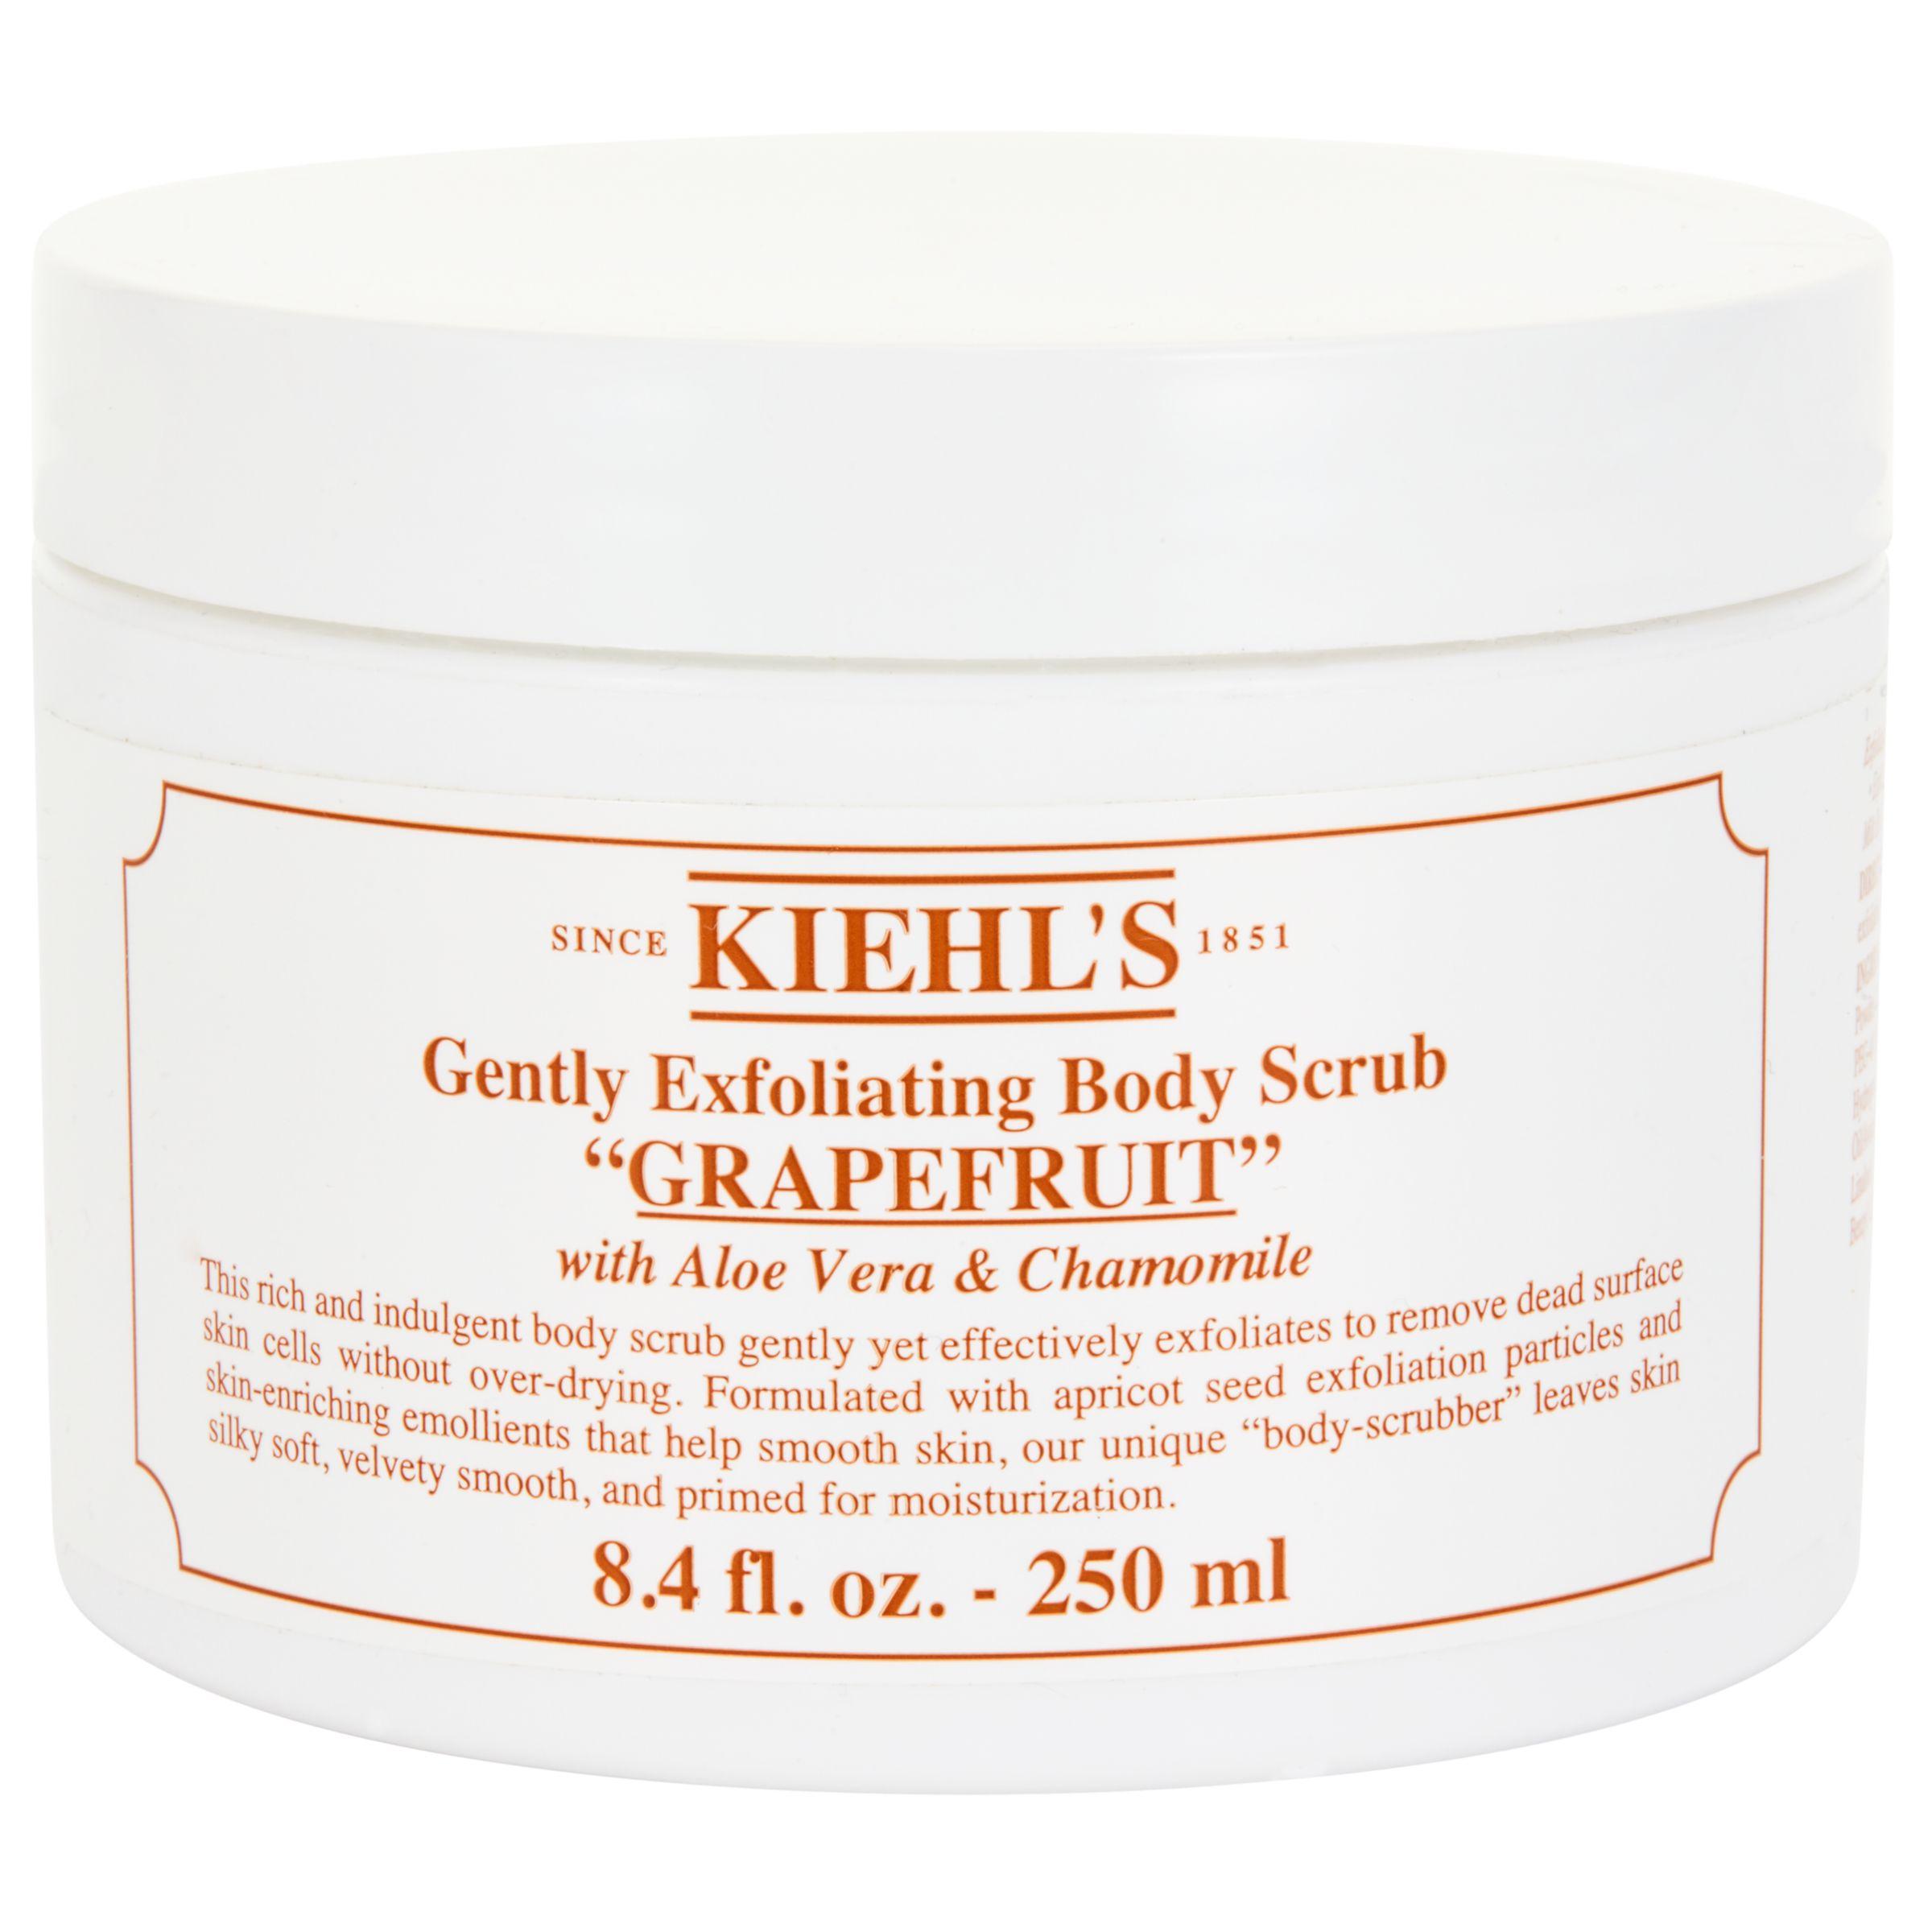 Kiehls Kiehl's Grapefruit Gently Exfoliating Body Scrub, 250ml